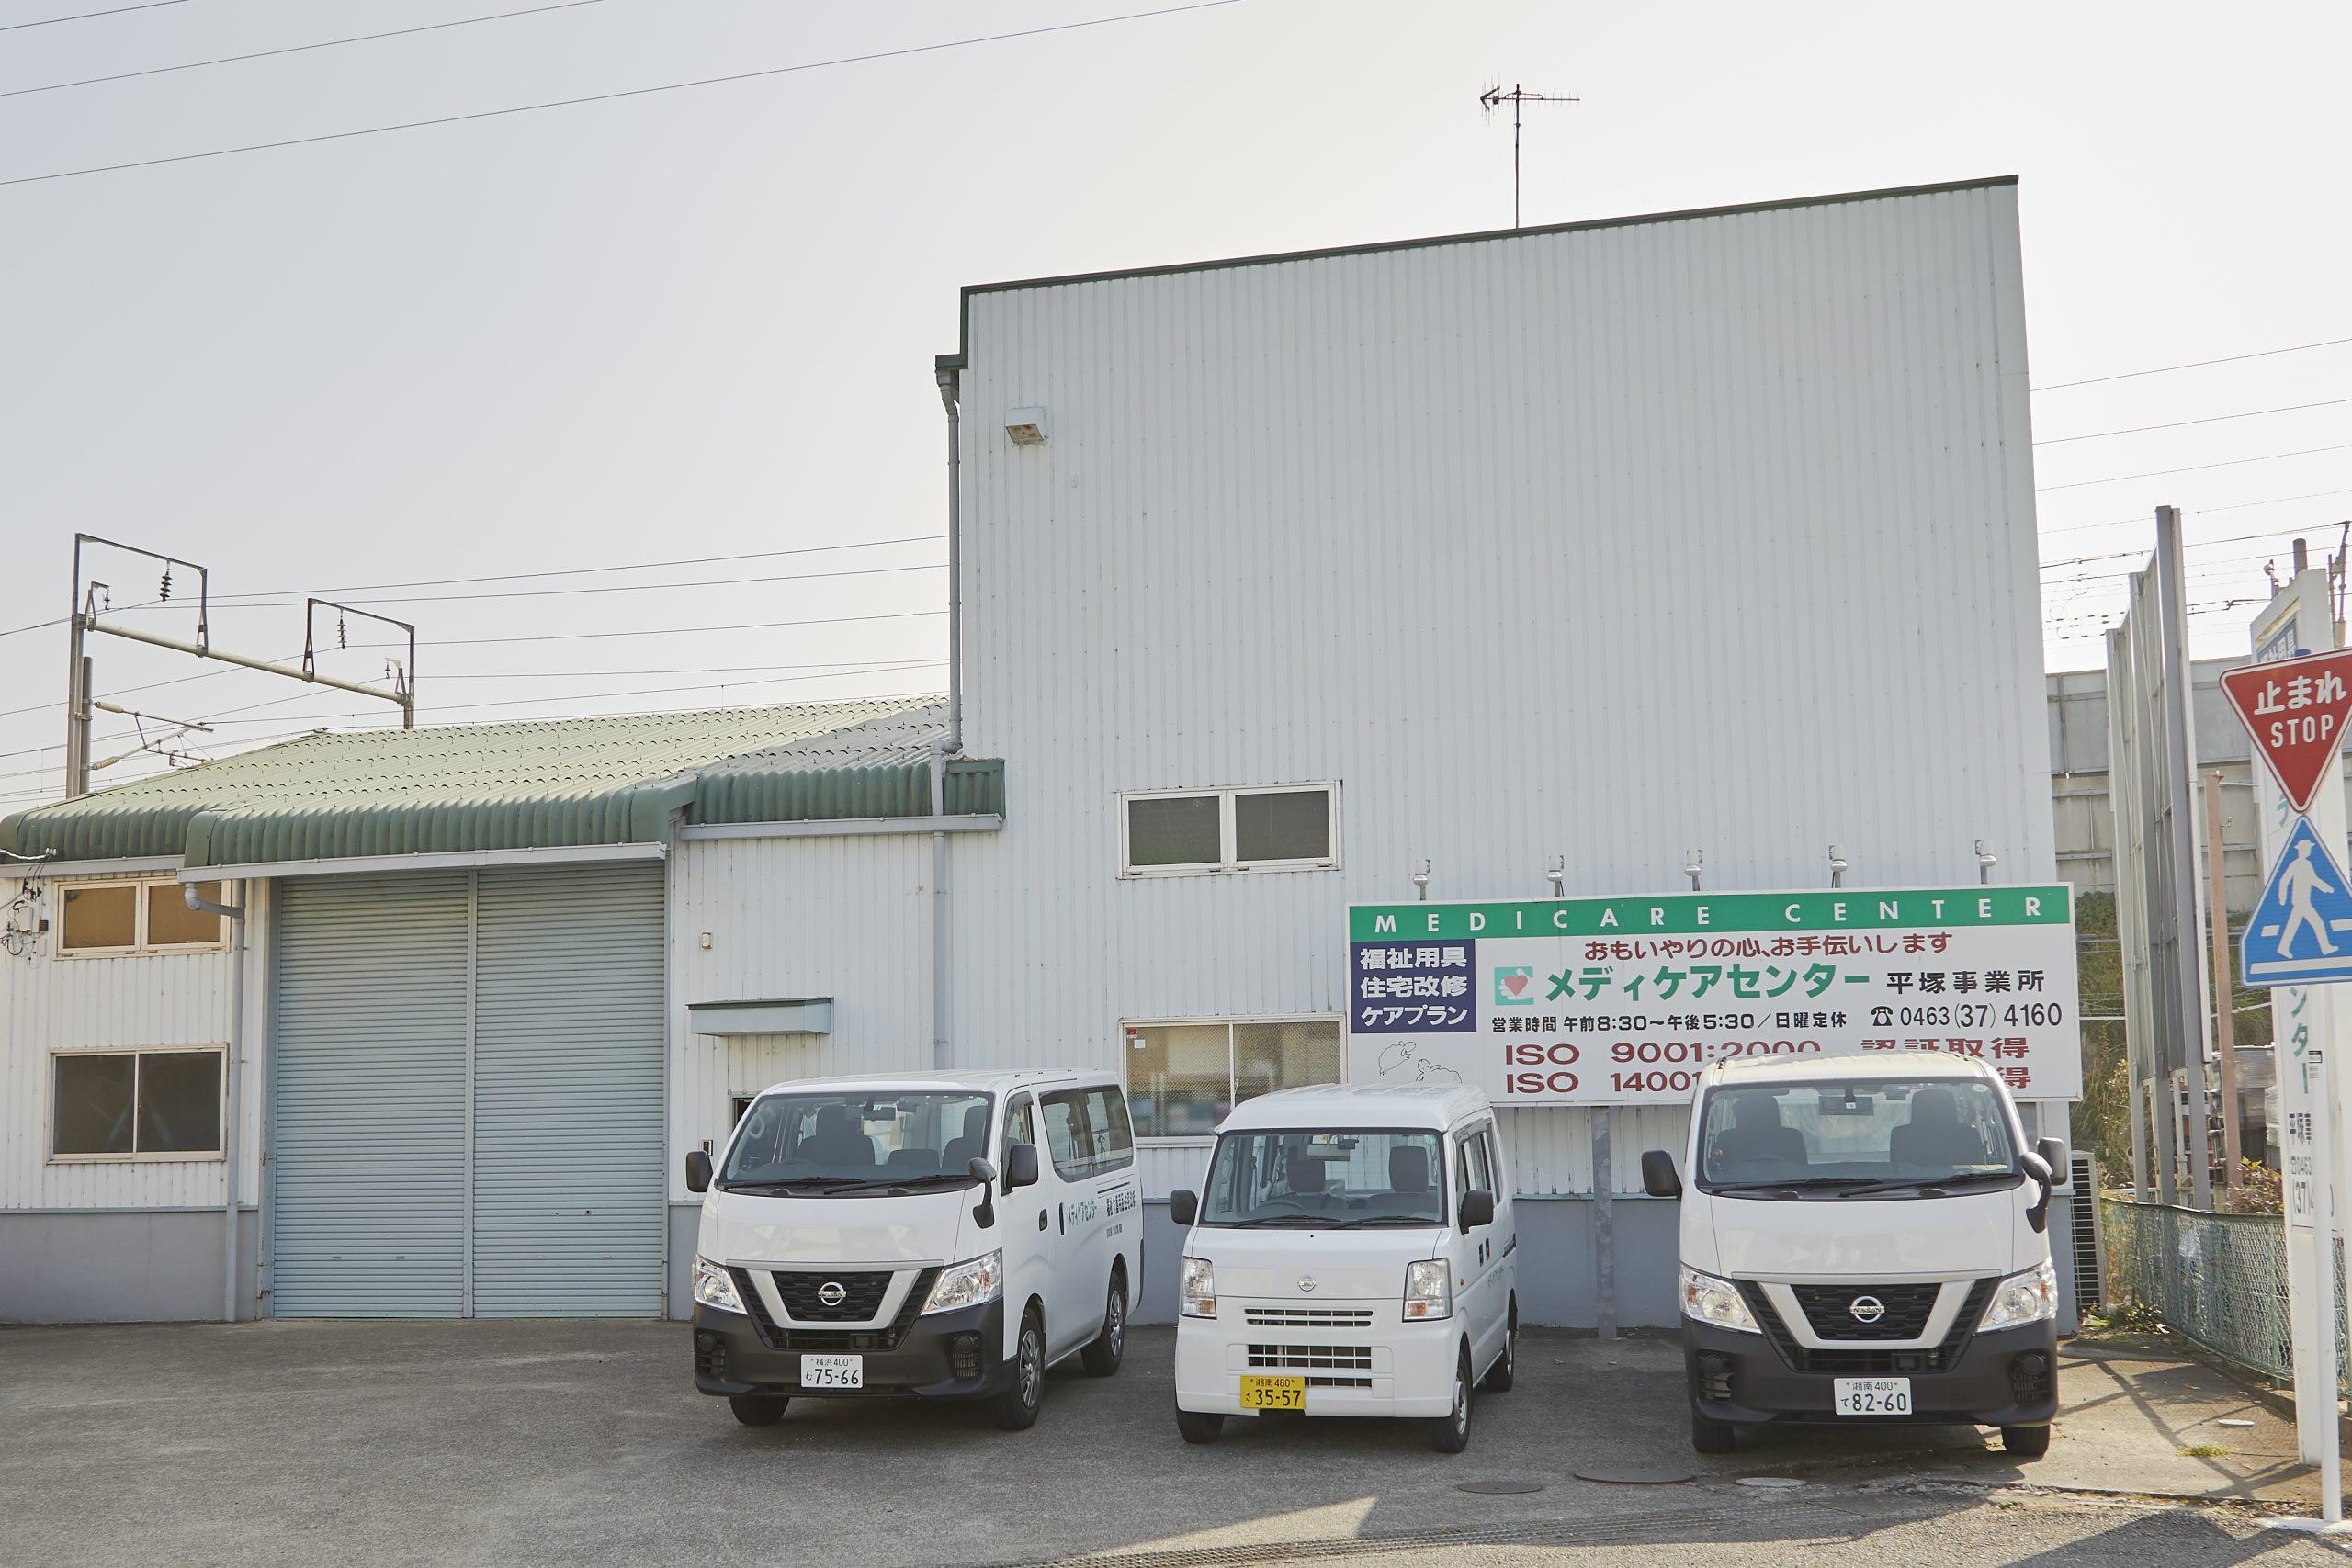 メディケアセンター平塚